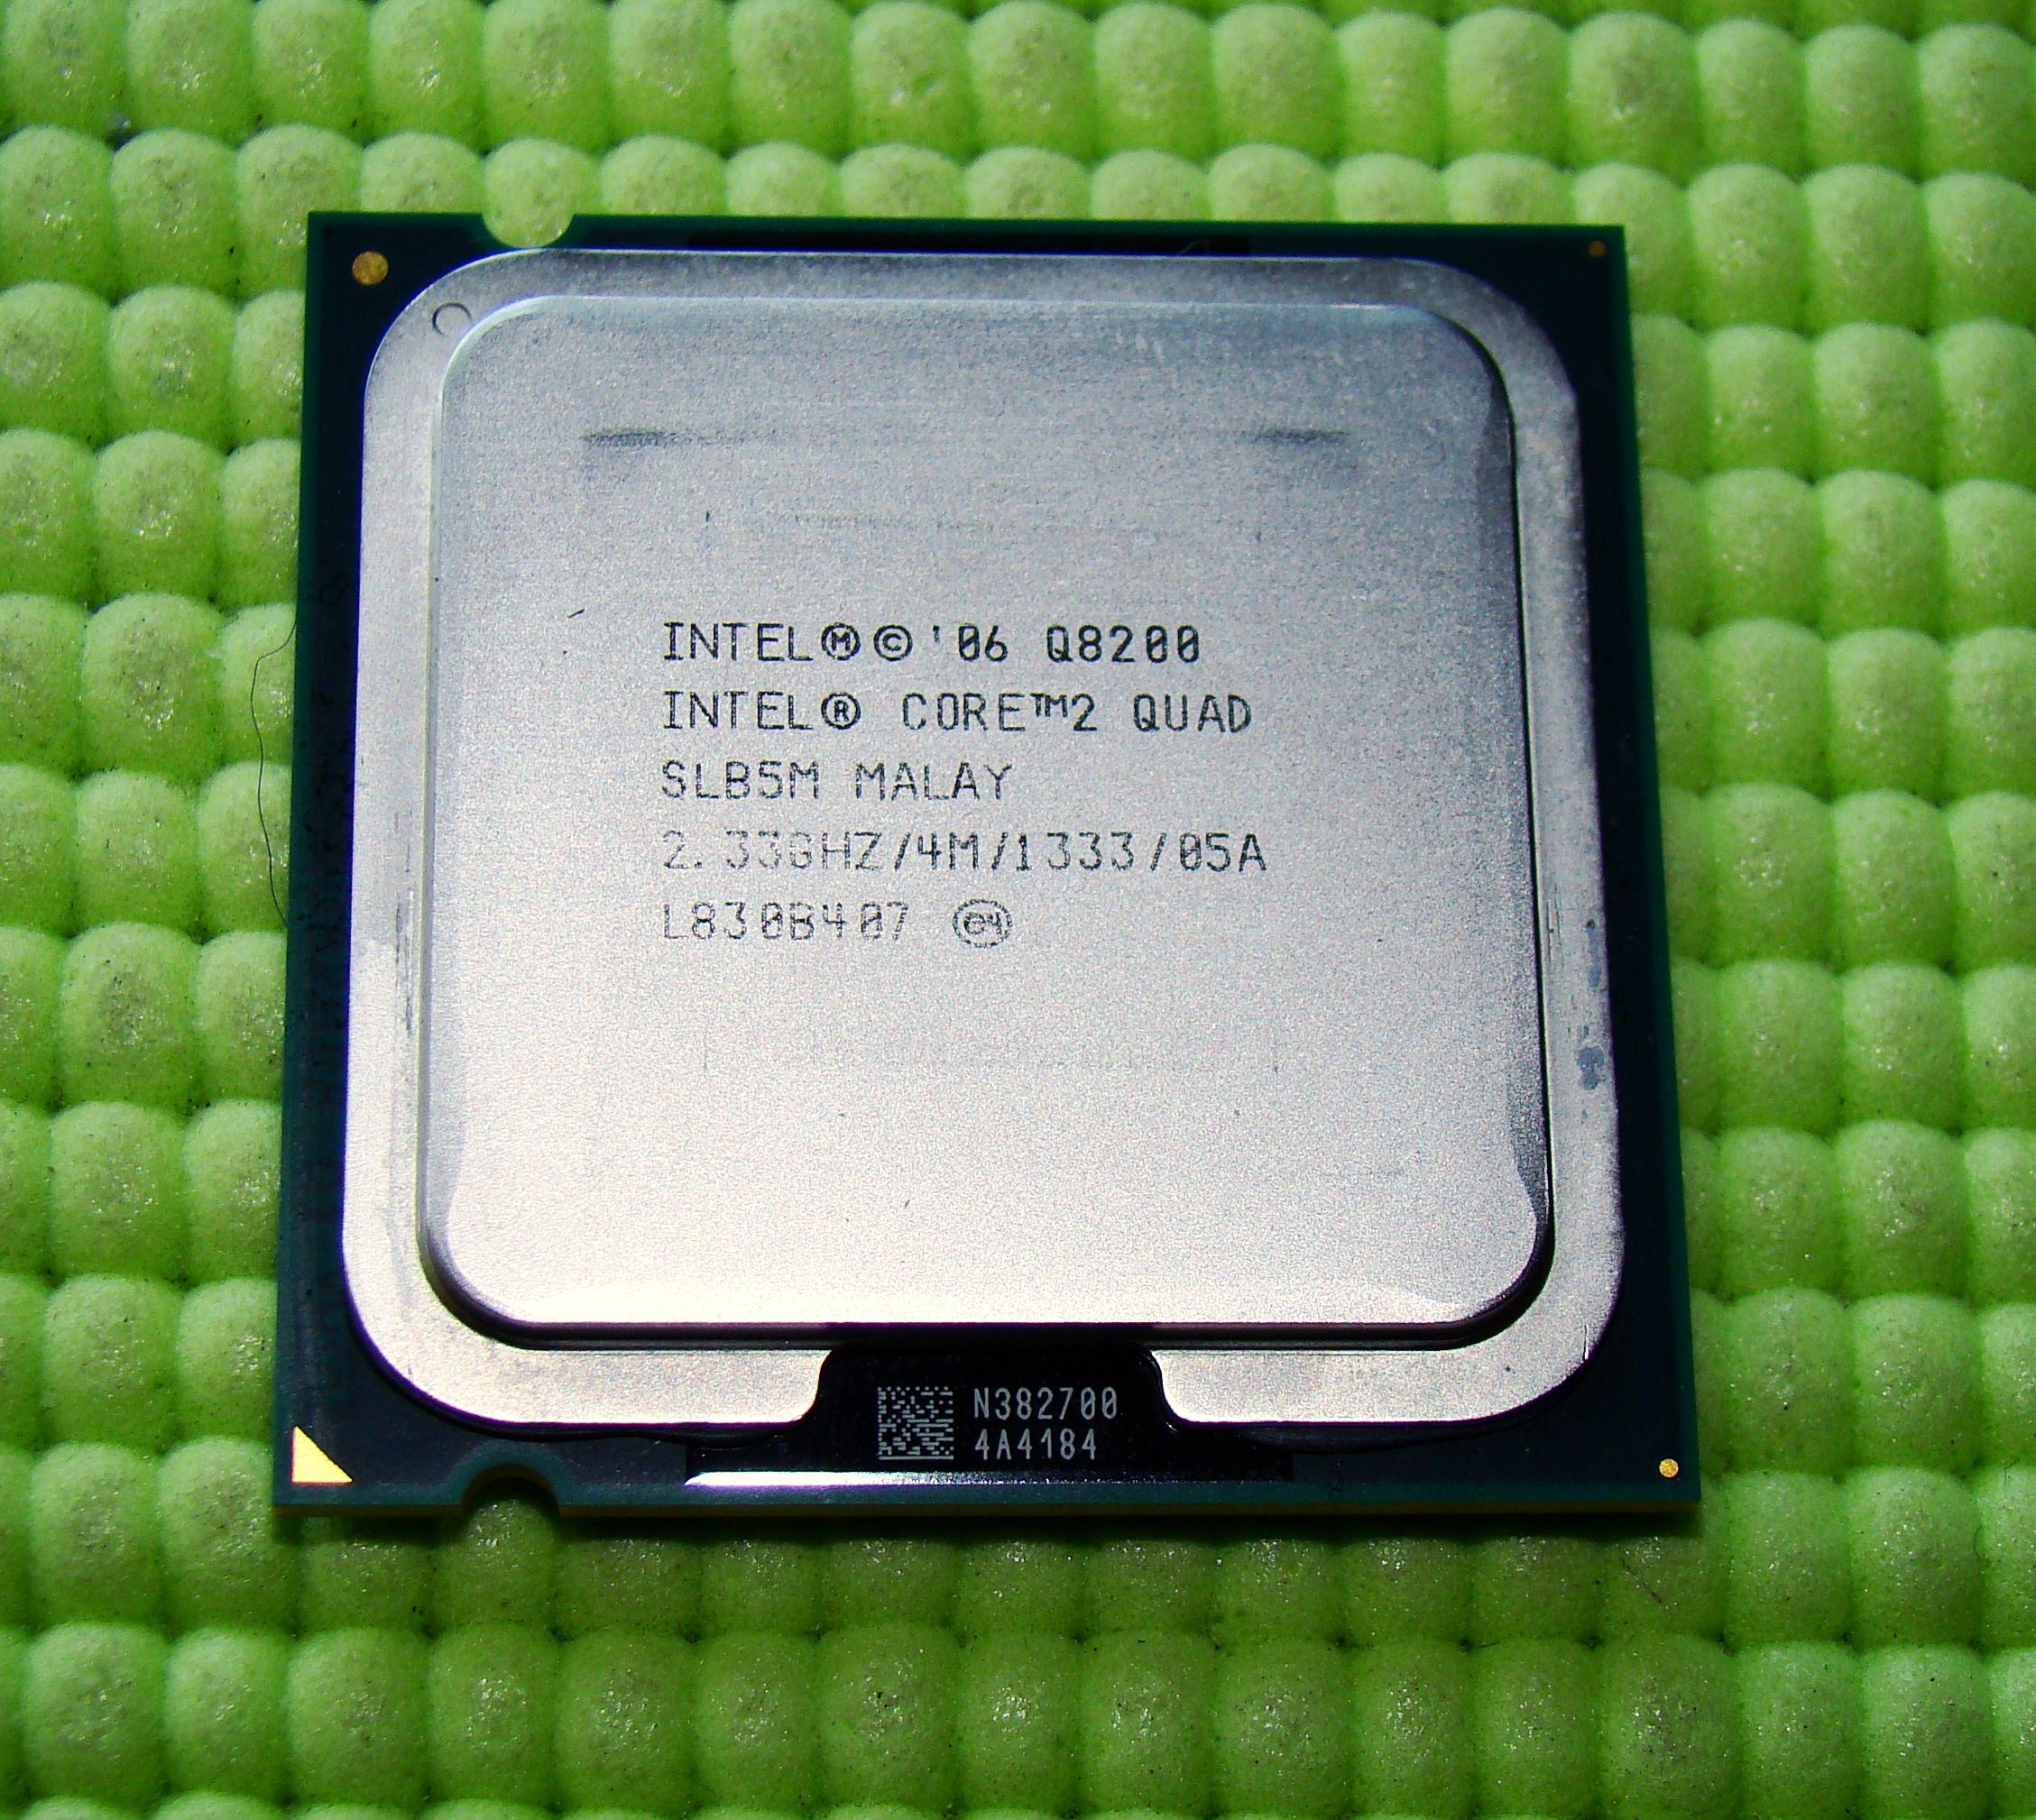 Intel Core 2 Quad Q8200 Socket 775 4x233ghz 7398796569 Procesor Soket